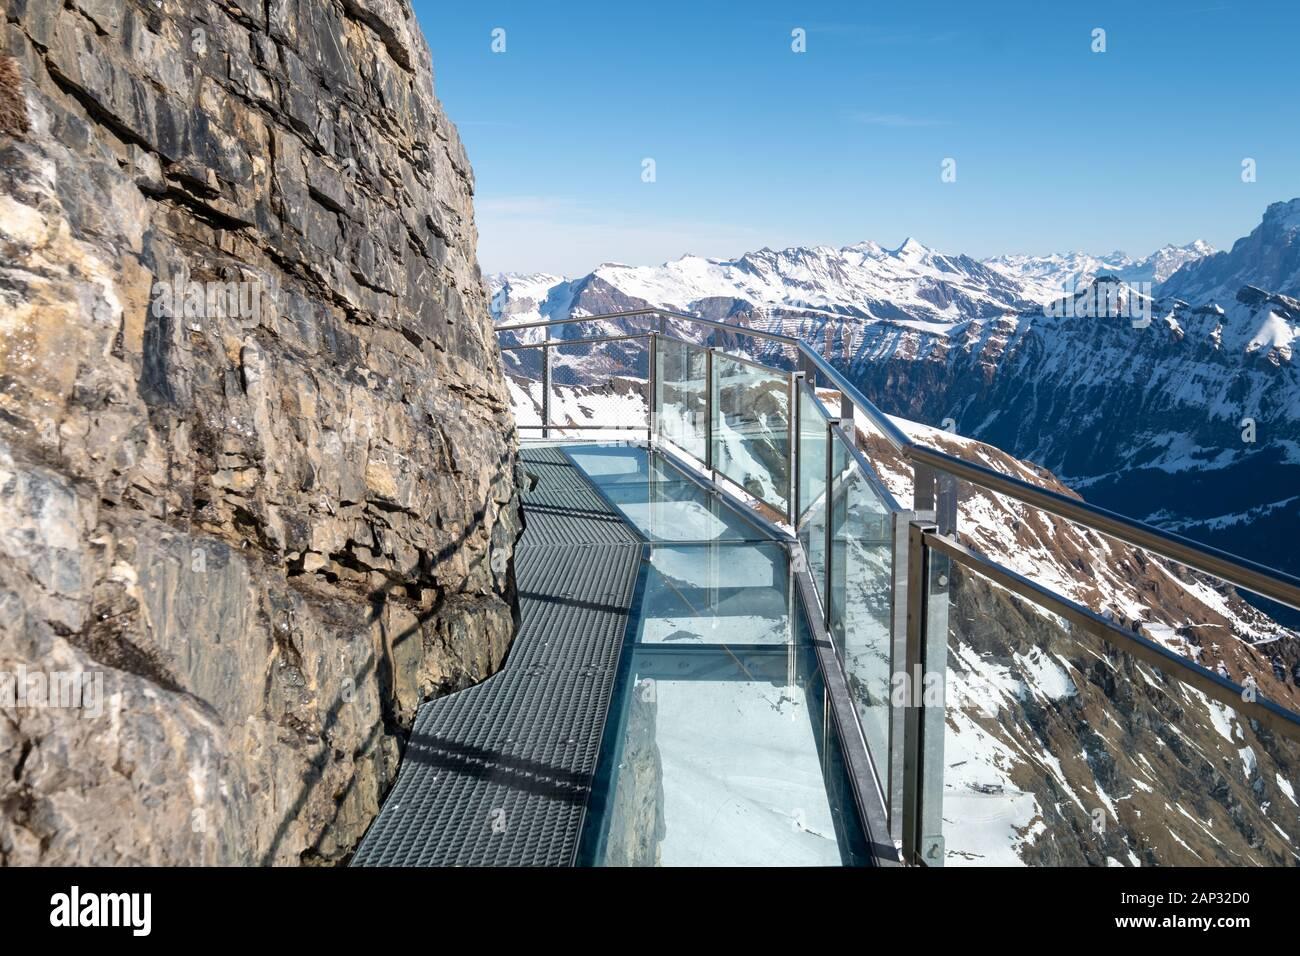 El Paseo del Traill en Birg cerca de Schilrill en los Alpes, Suiza. Es un camino de acero integrado en el cliffside con una caída vertical debajo. Foto de stock